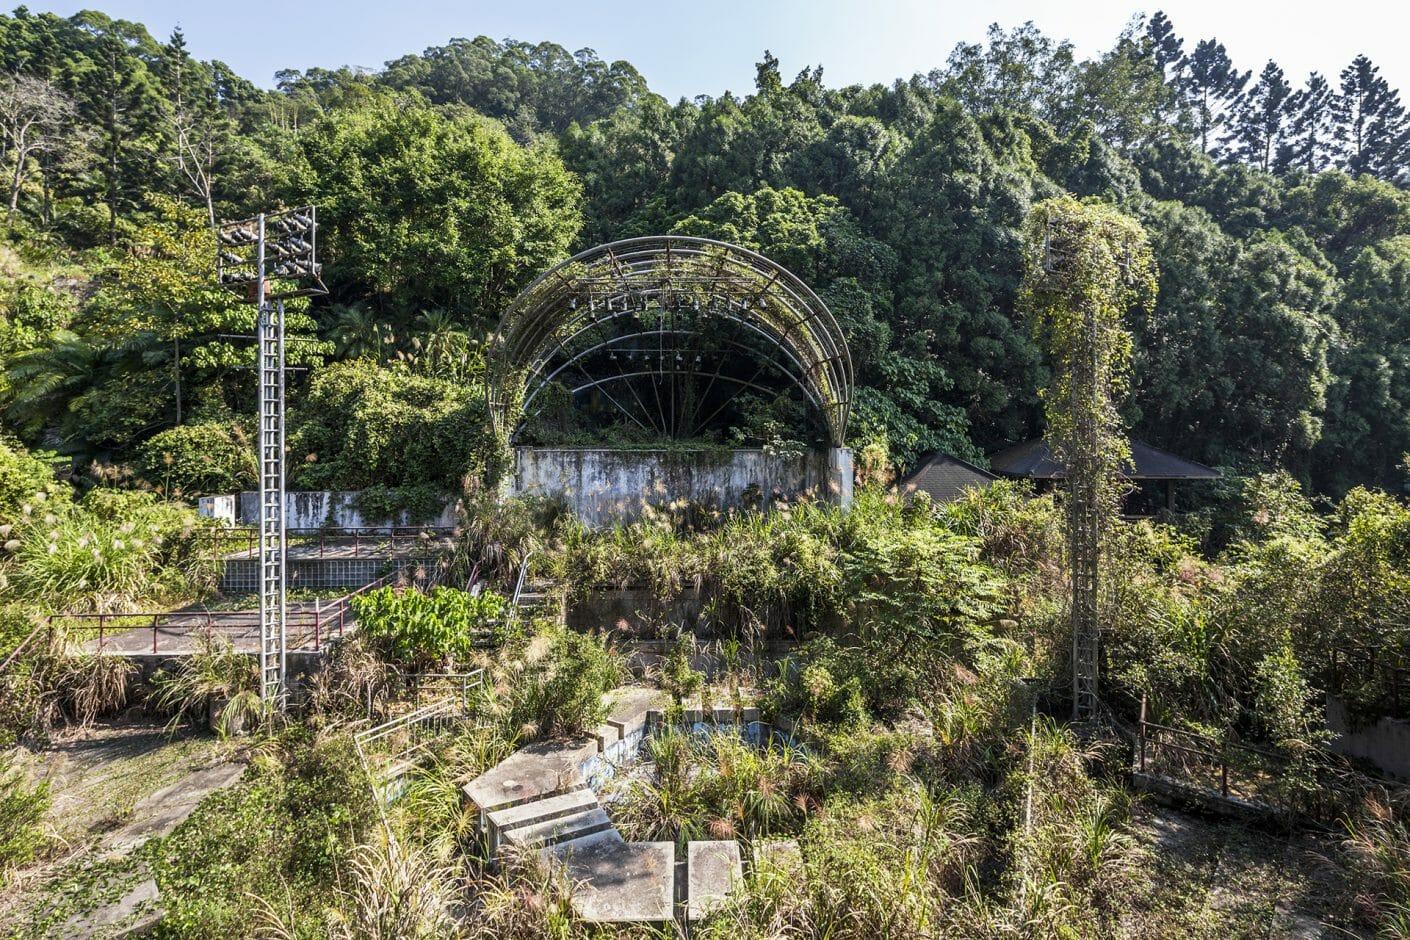 Photographie de Jonk pour Naturalia 2, décombres d'un parc d'attraction envahi  par la végétation